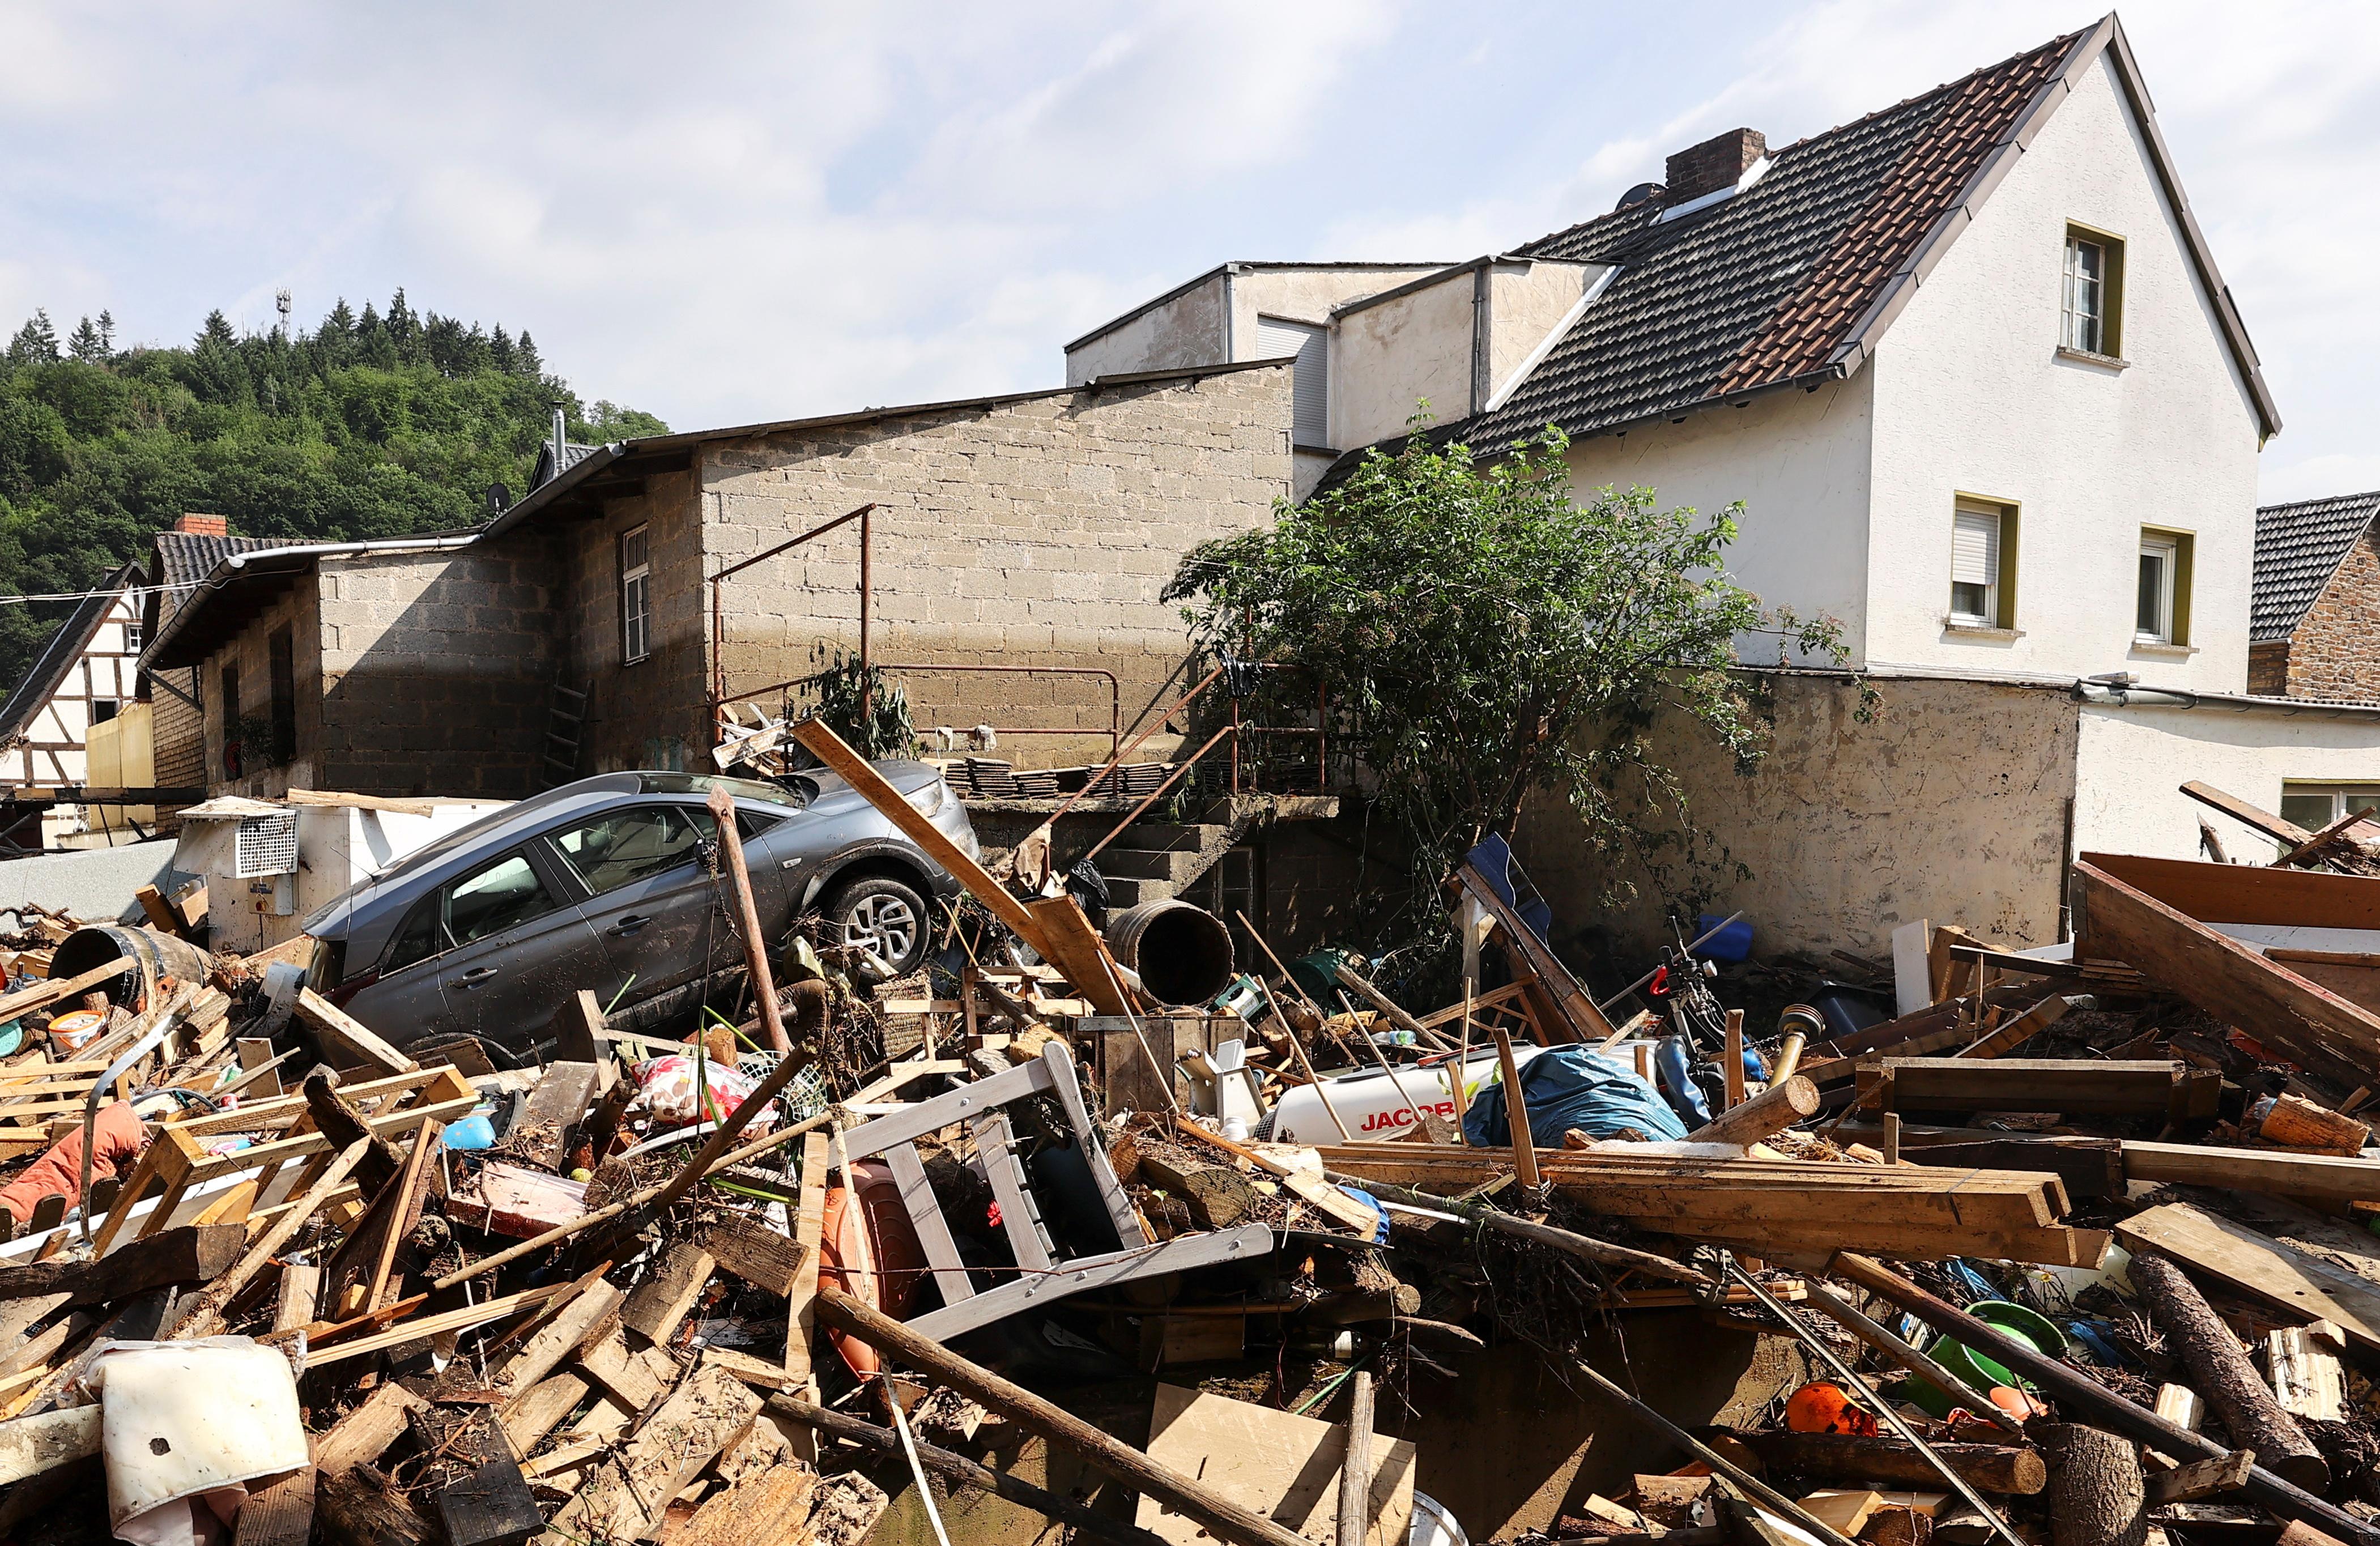 बारिश और बाढ़ से मची तबाही के बाद हजारों घर तबाह हो गए हैं। लोगों के पास रहने के लिए छत नहीं बची है।